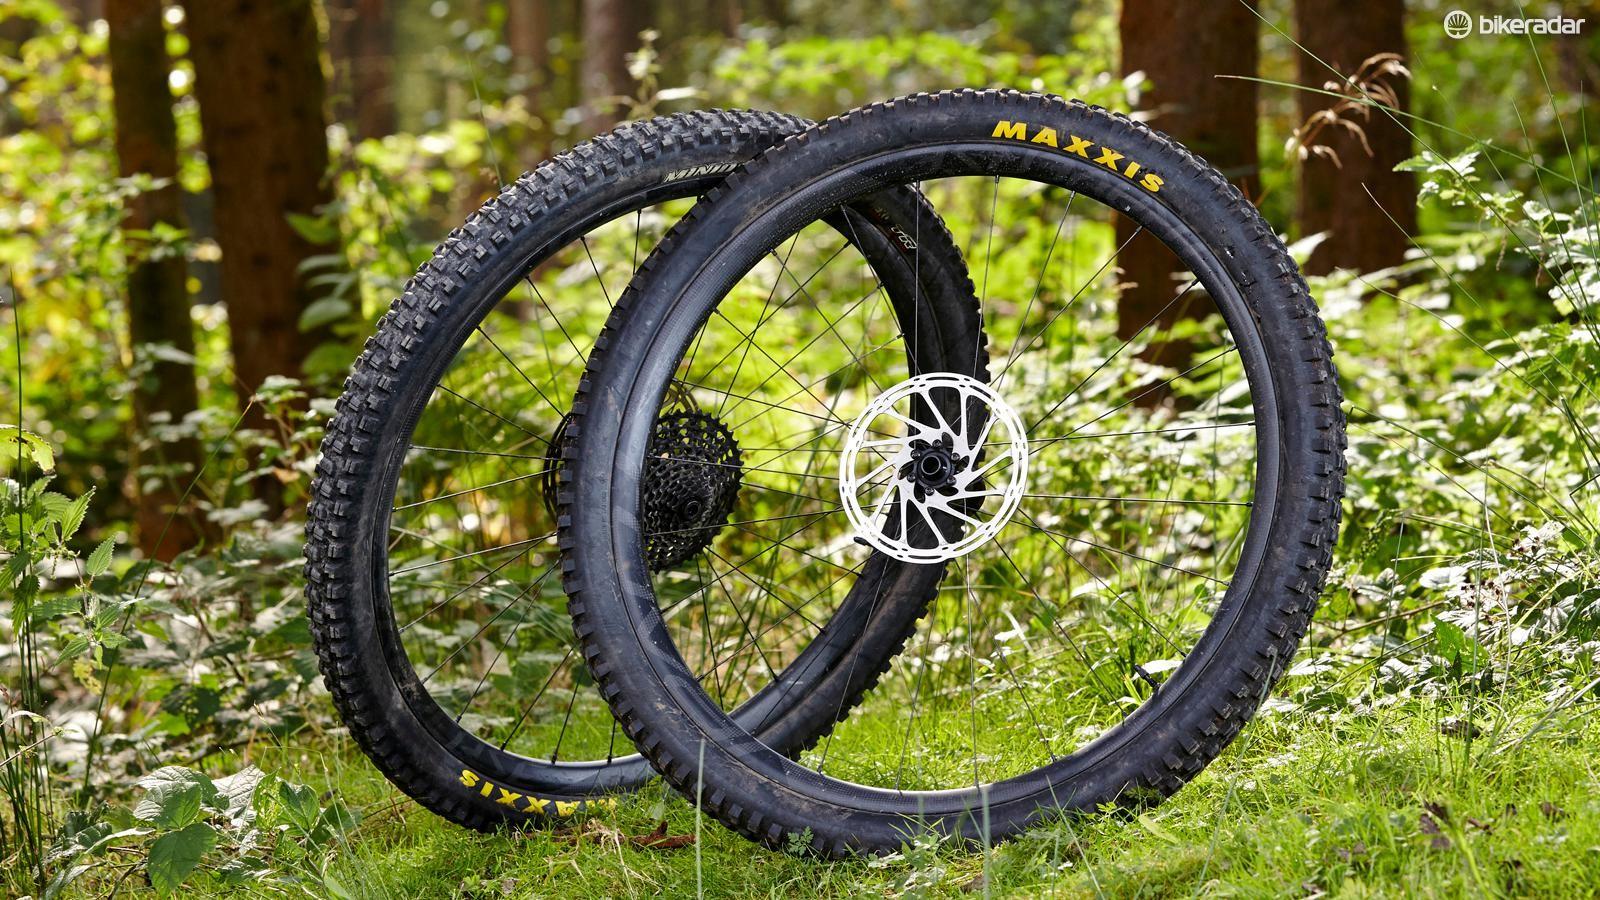 Roval Traverse Fattie SL wheelset